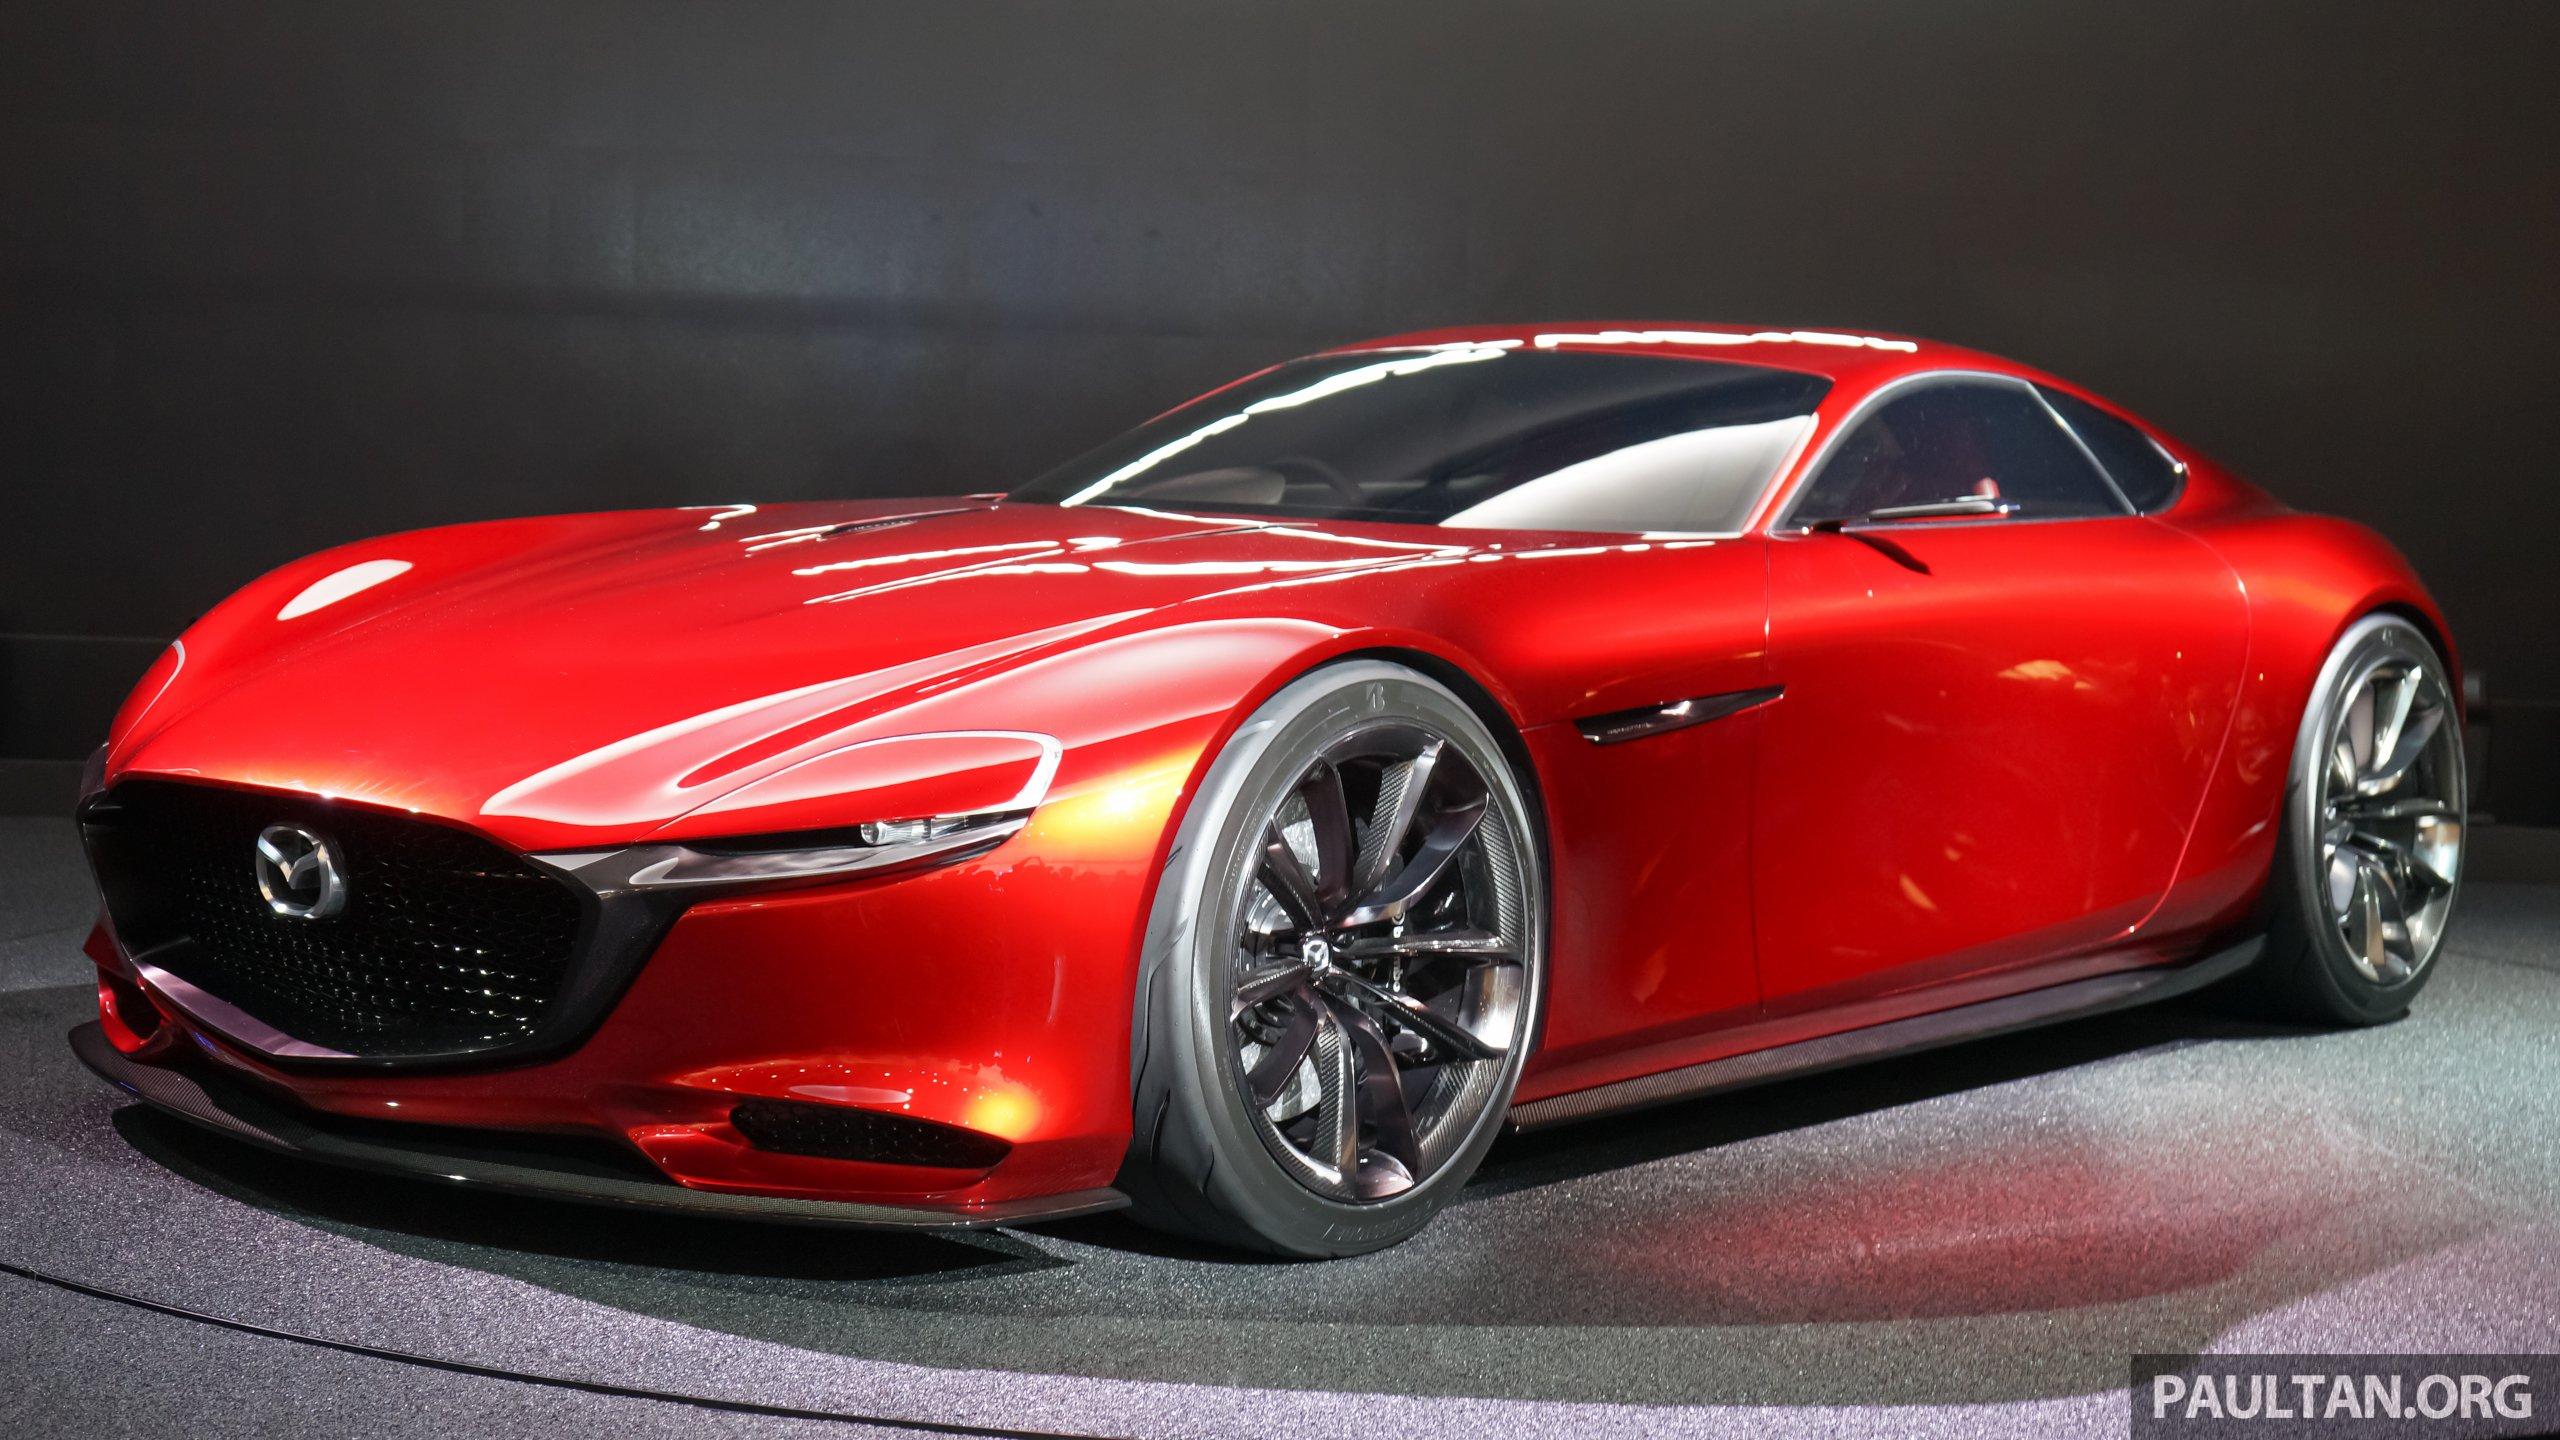 Tokyo 2015 Mazda Rx Vision New Rotary Concept Paul Tan Image